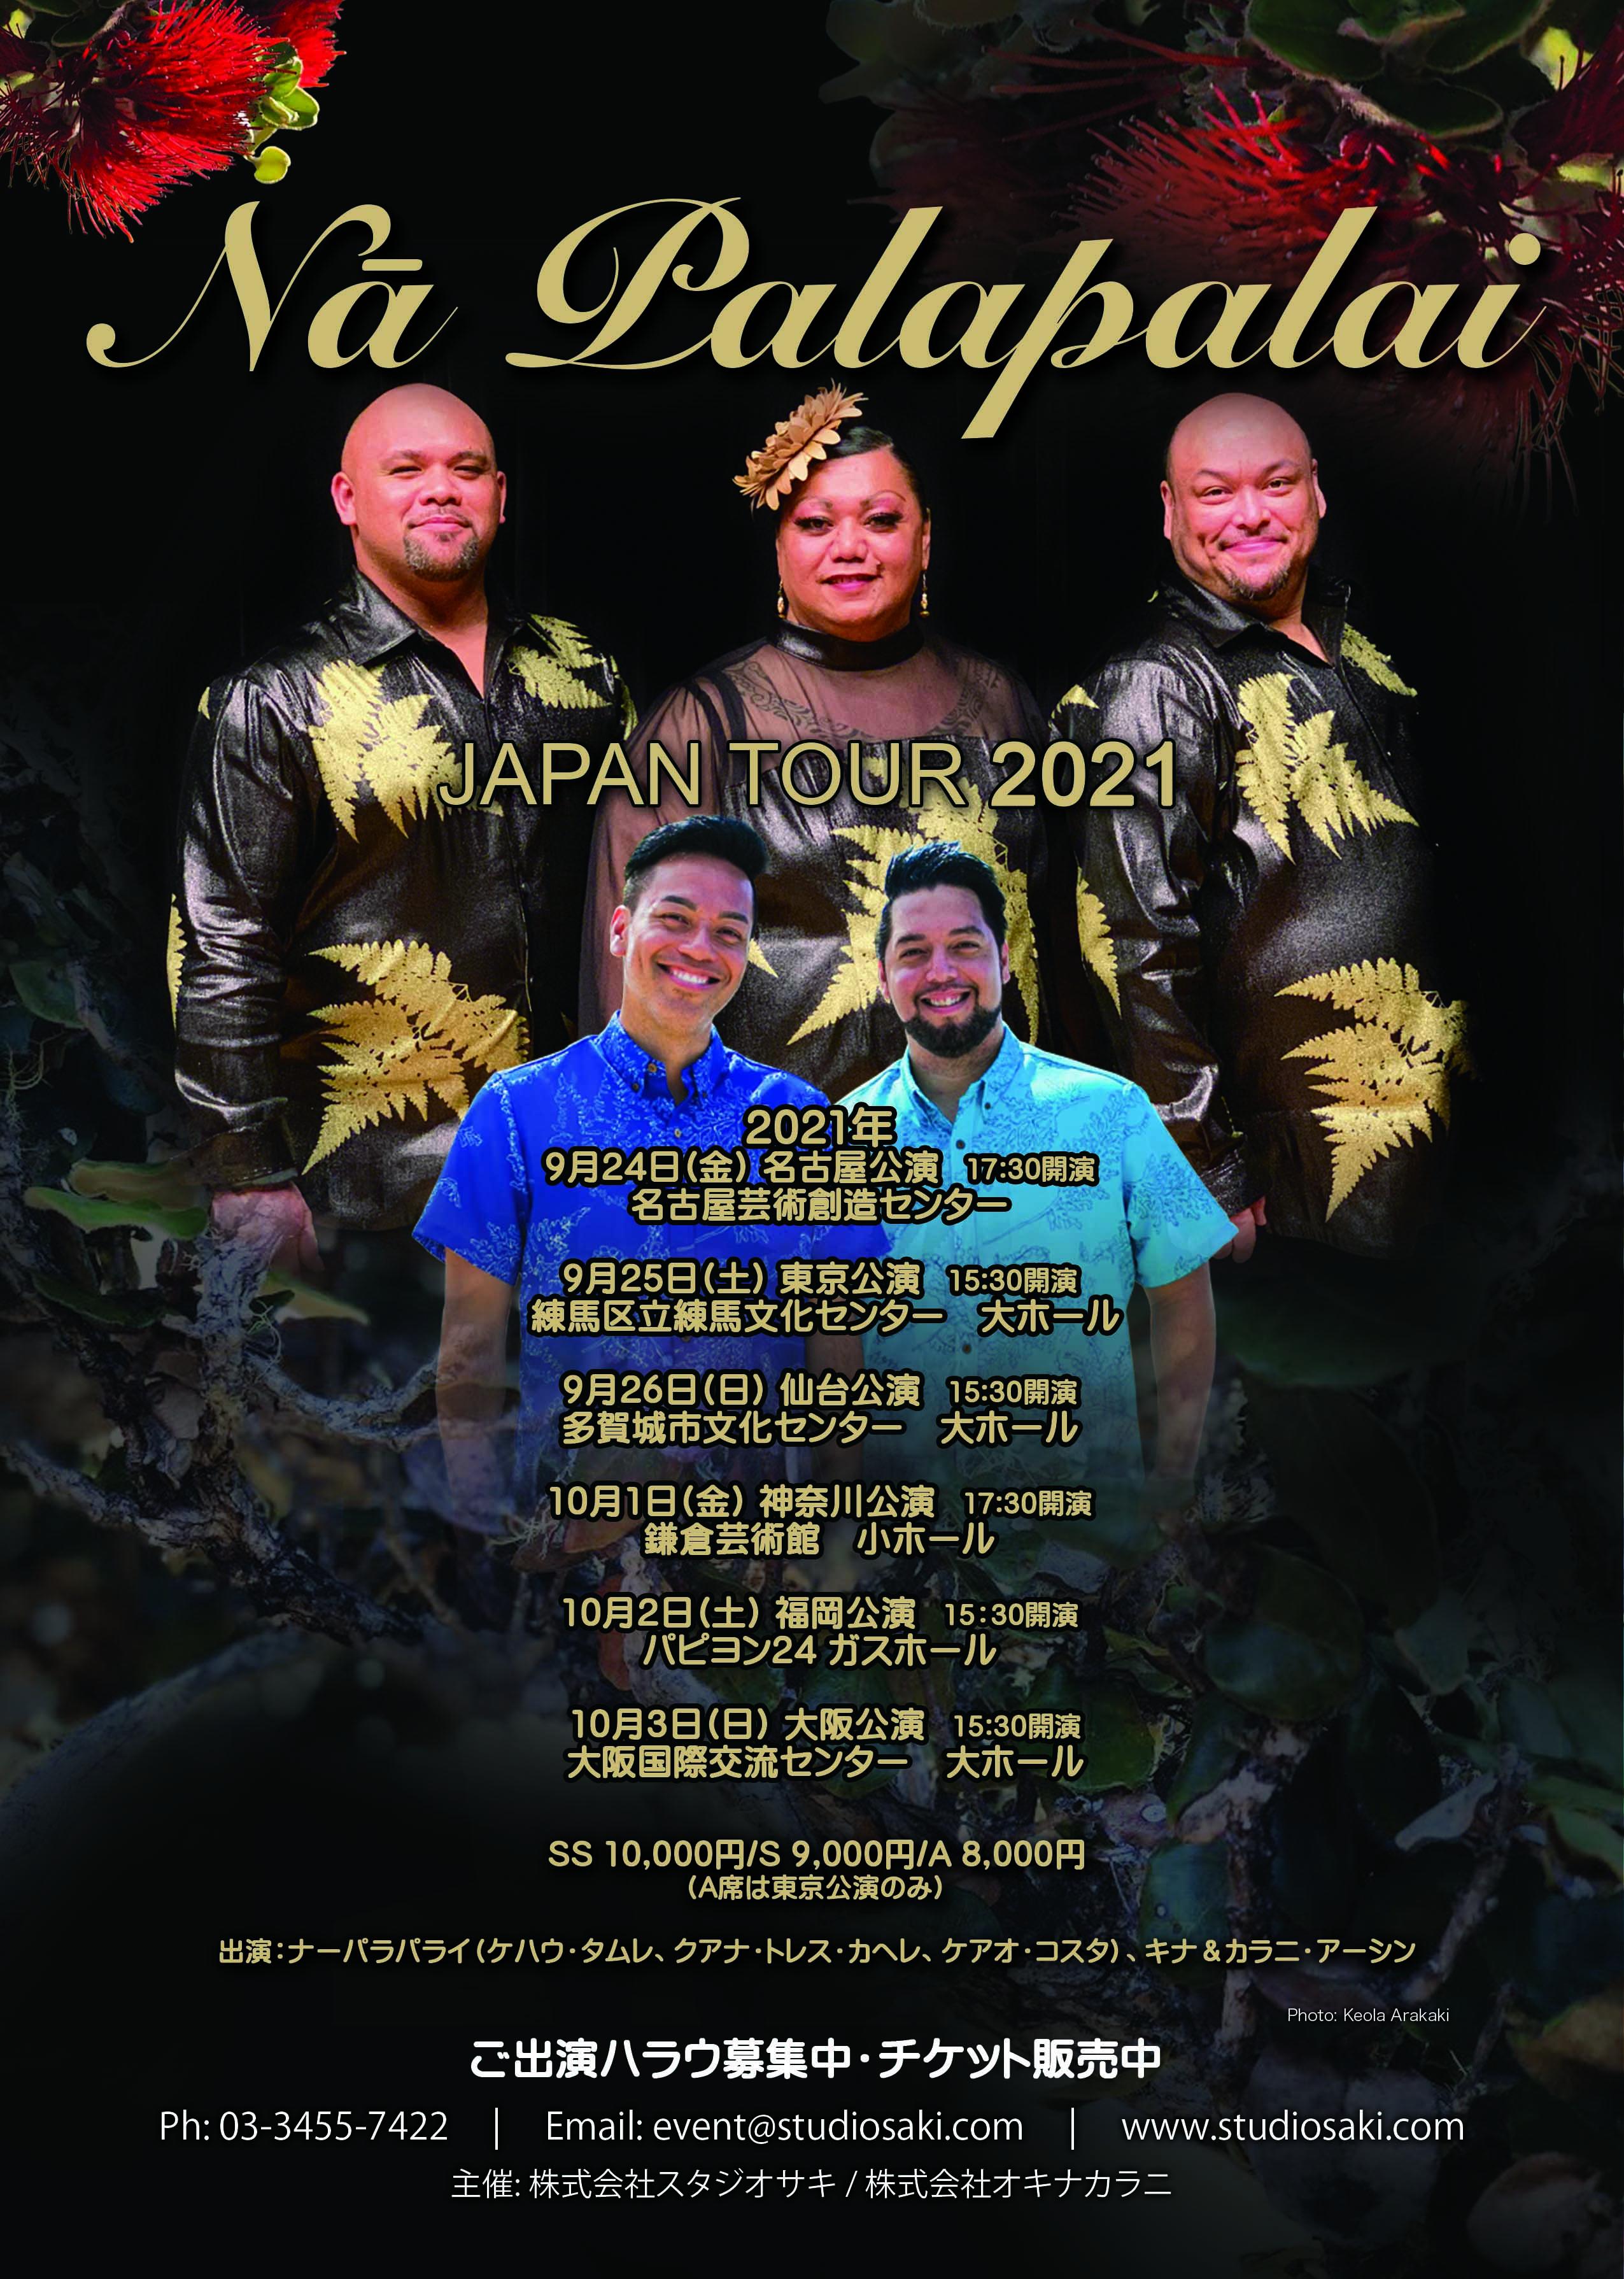 Na Palapalai Japan Tour 2021